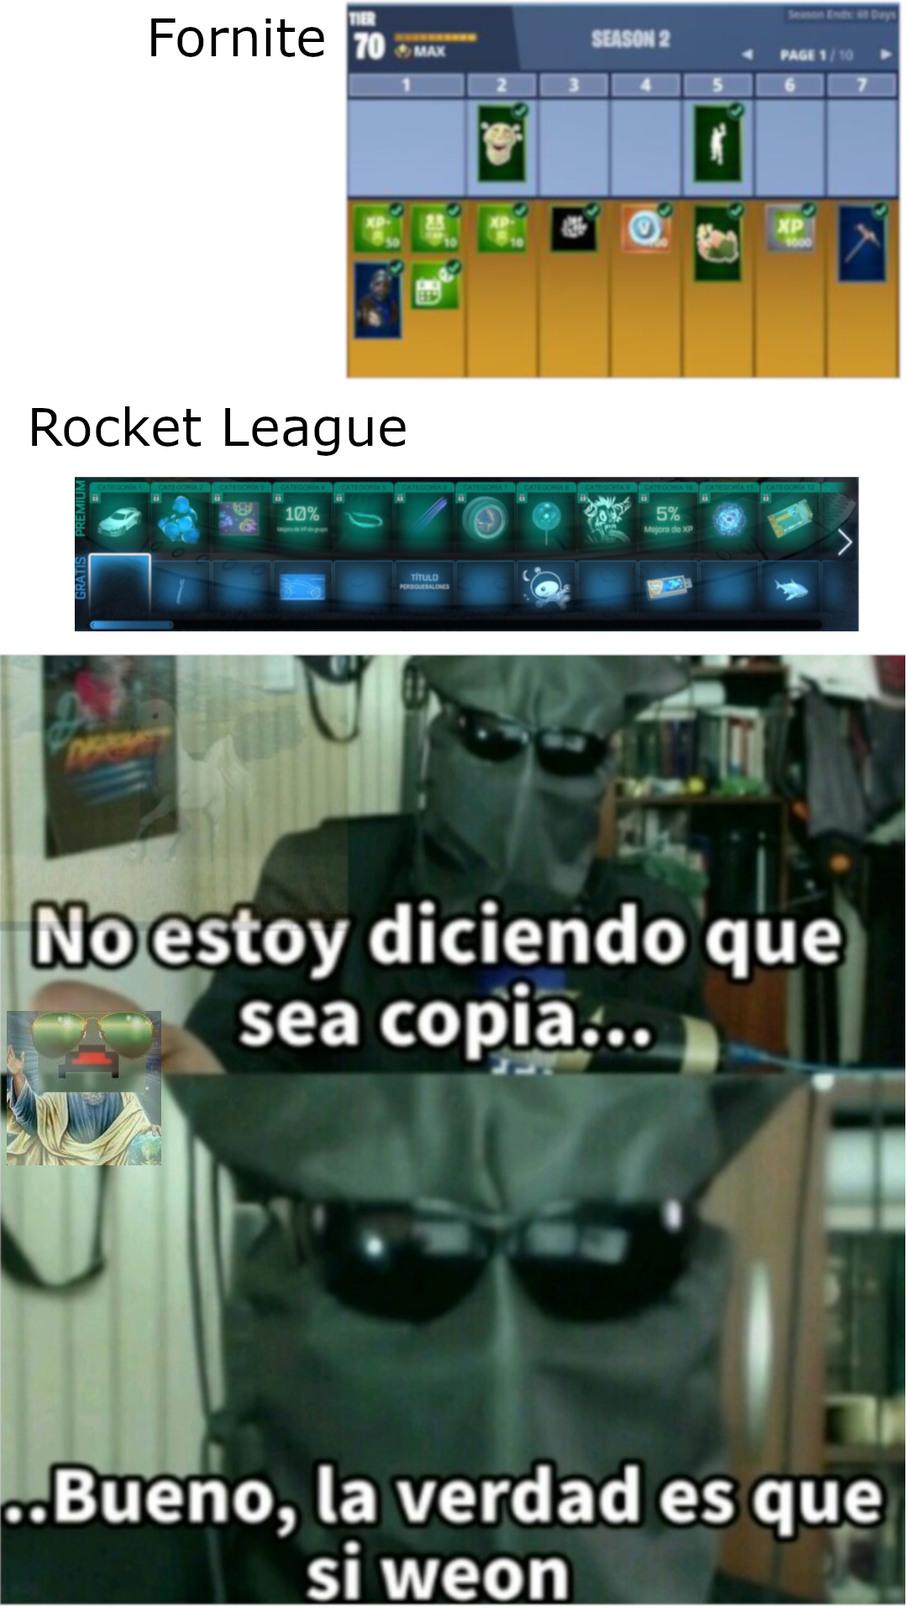 Lo hice cuando entre al rocket y vi lo del rocket pass :þ - meme